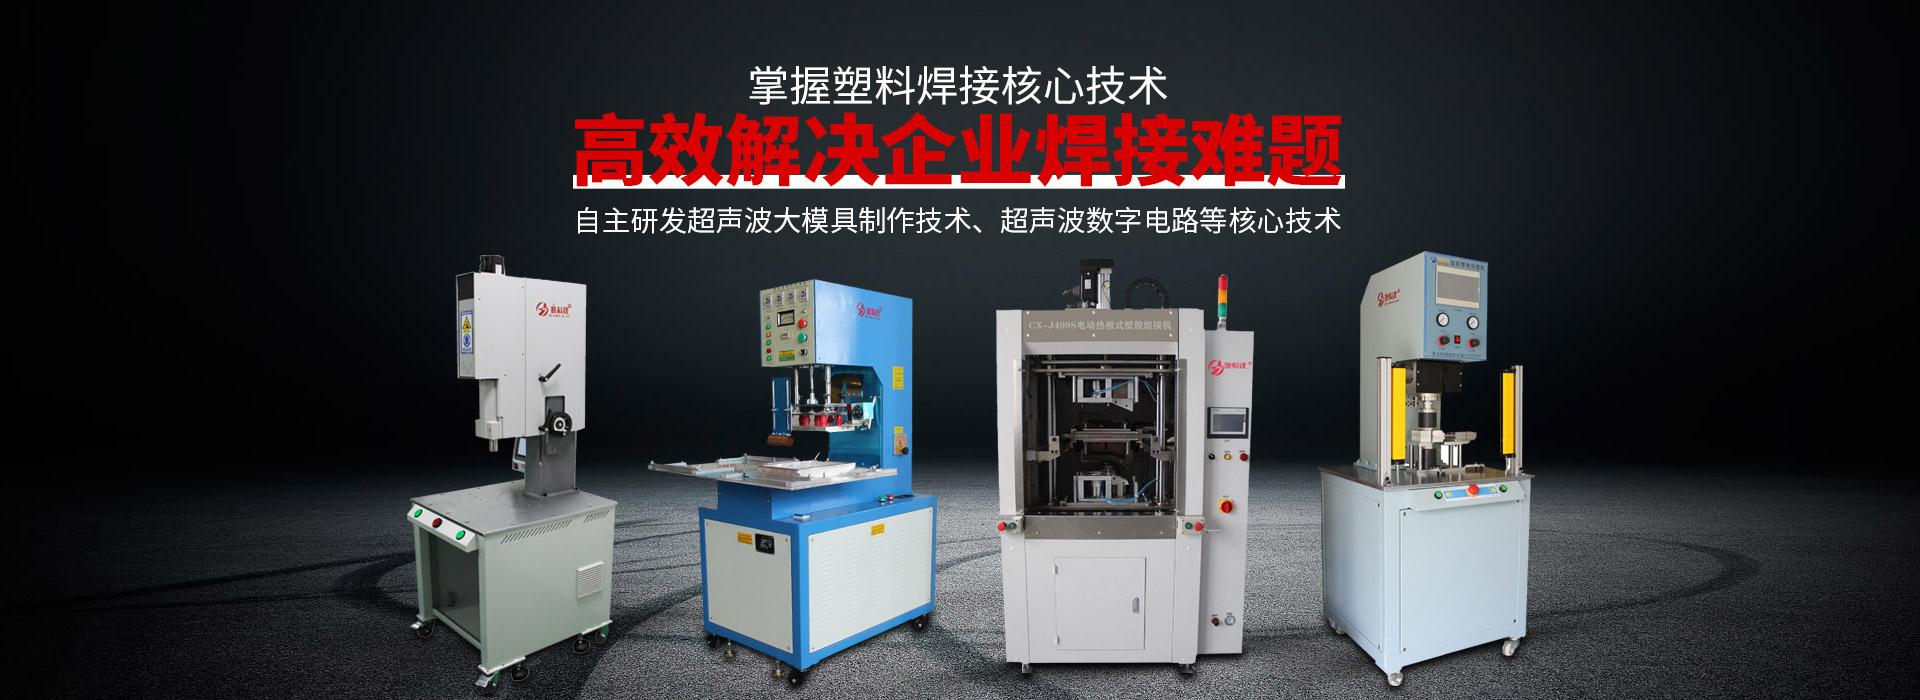 昕科技,掌握塑料焊接核心技术,高效解决企业焊接难题